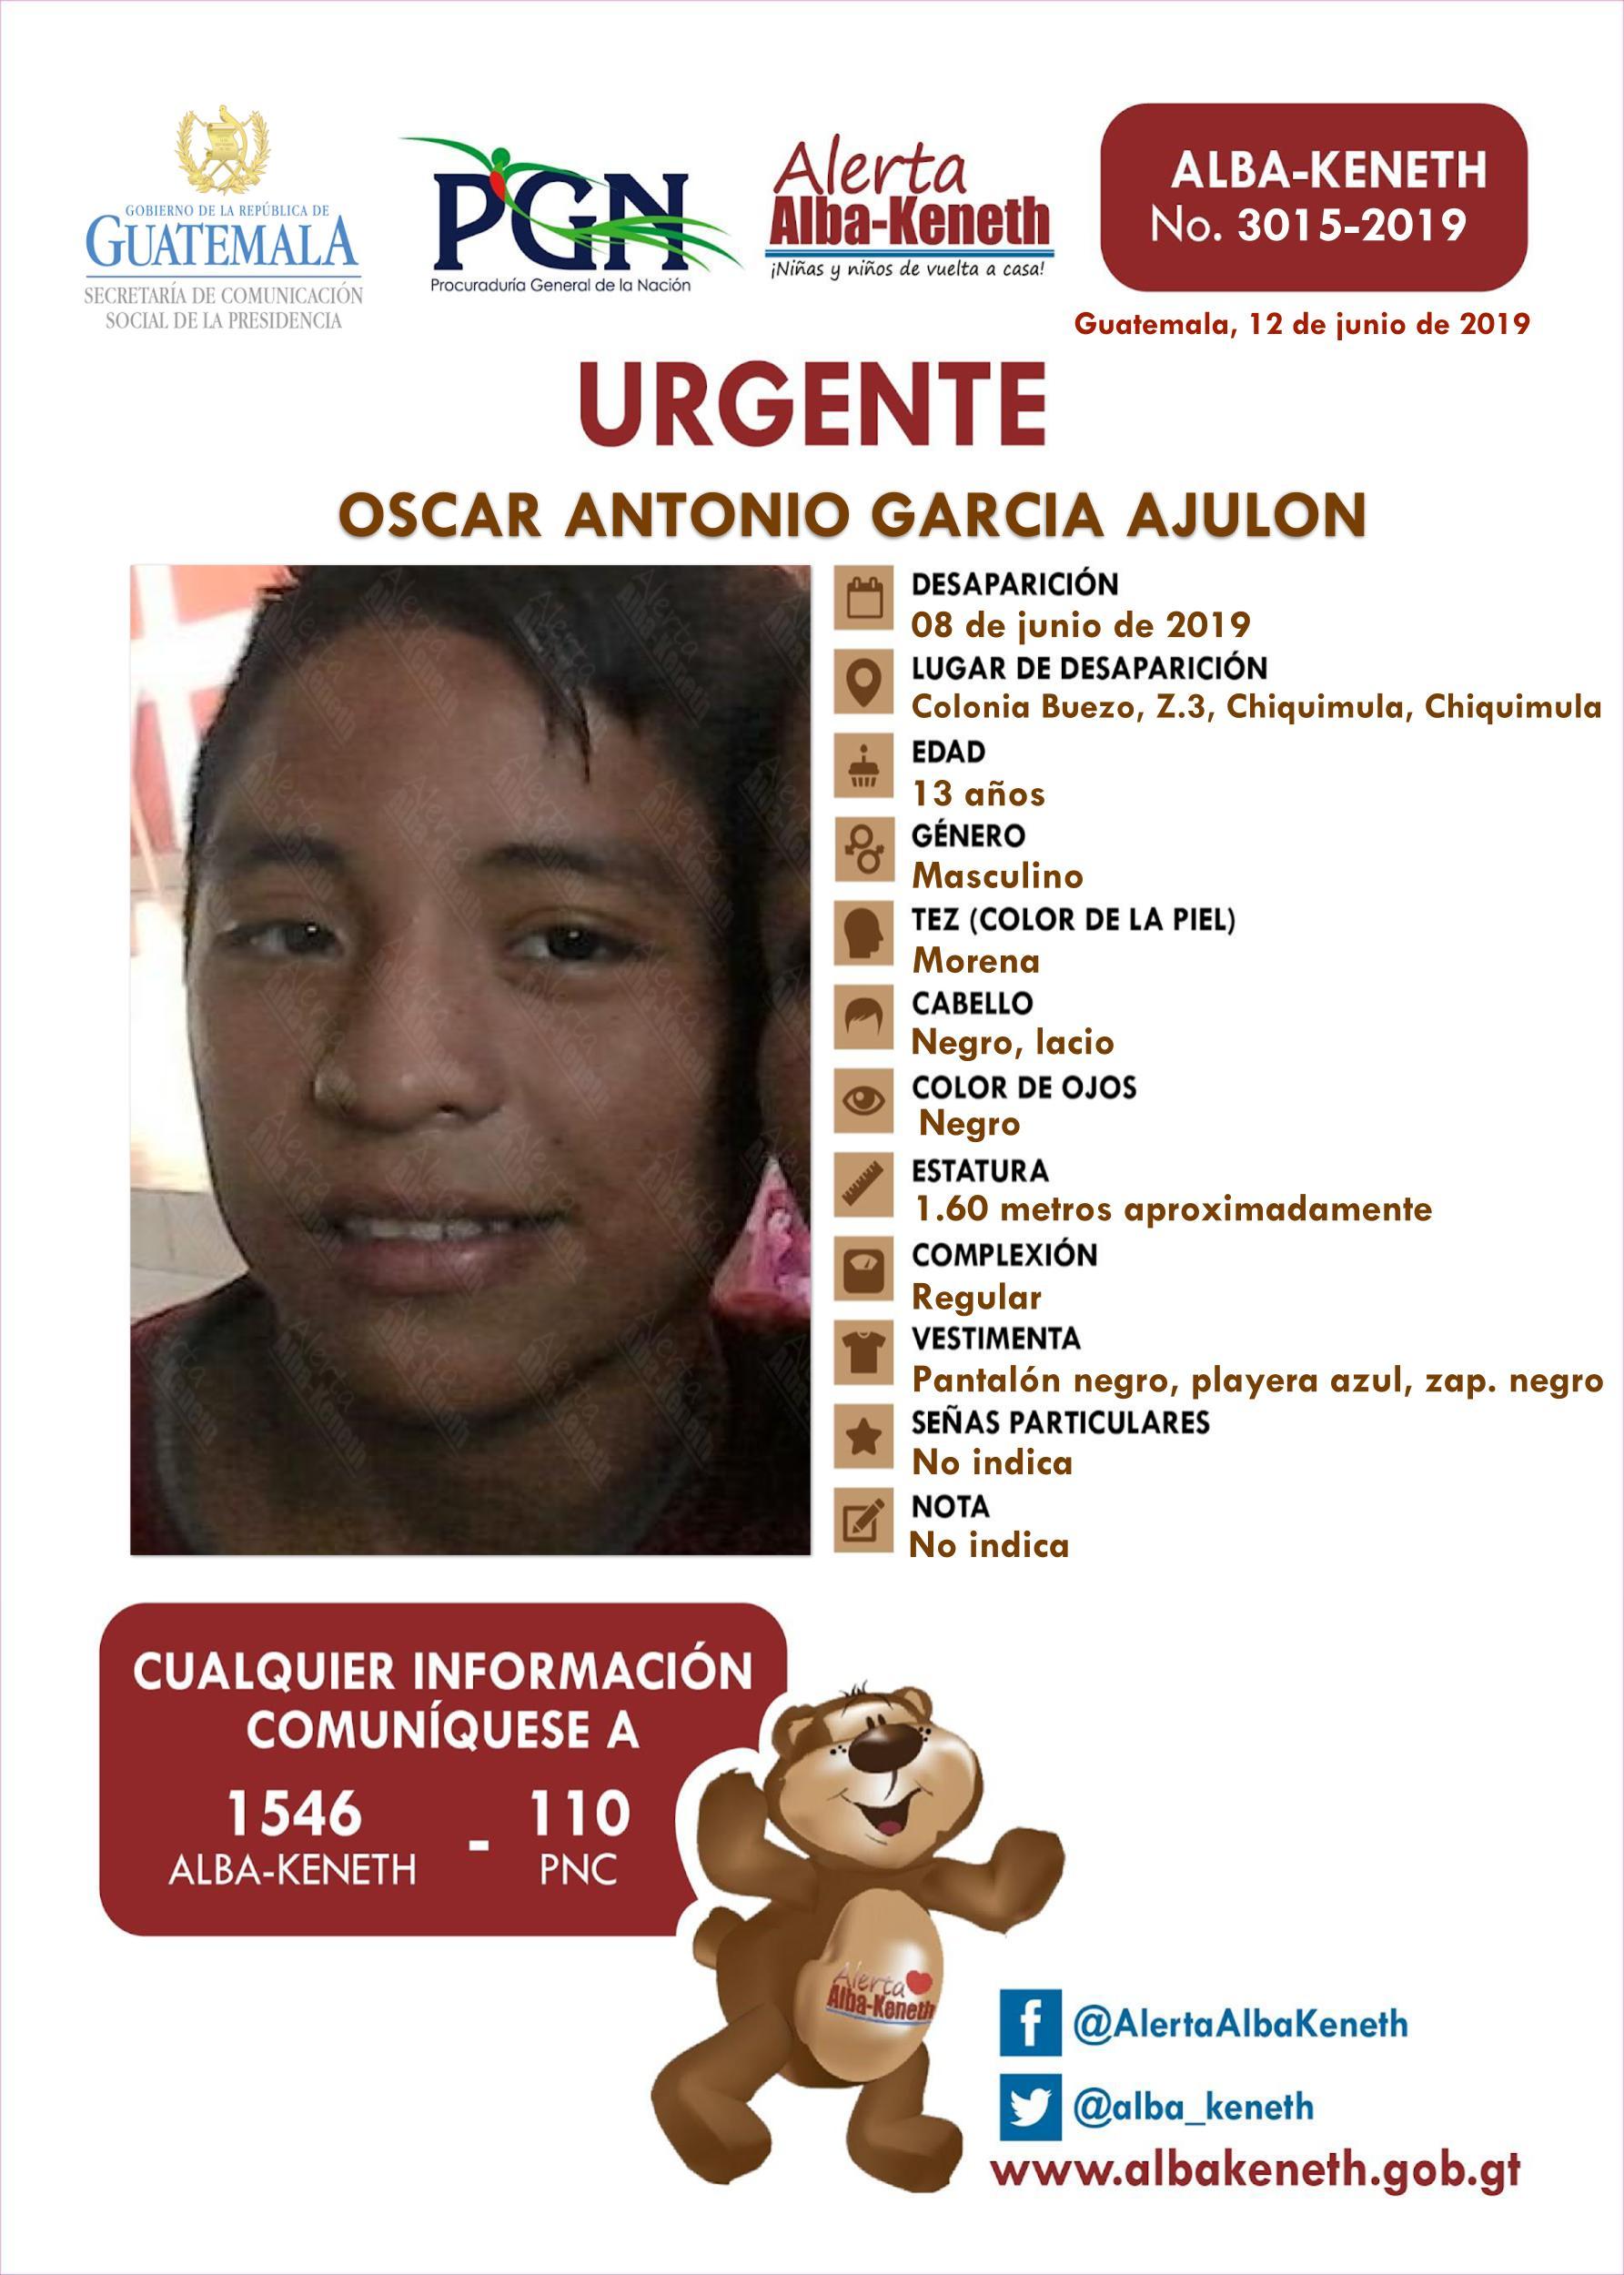 Oscar Antonio Garcia Ajulon